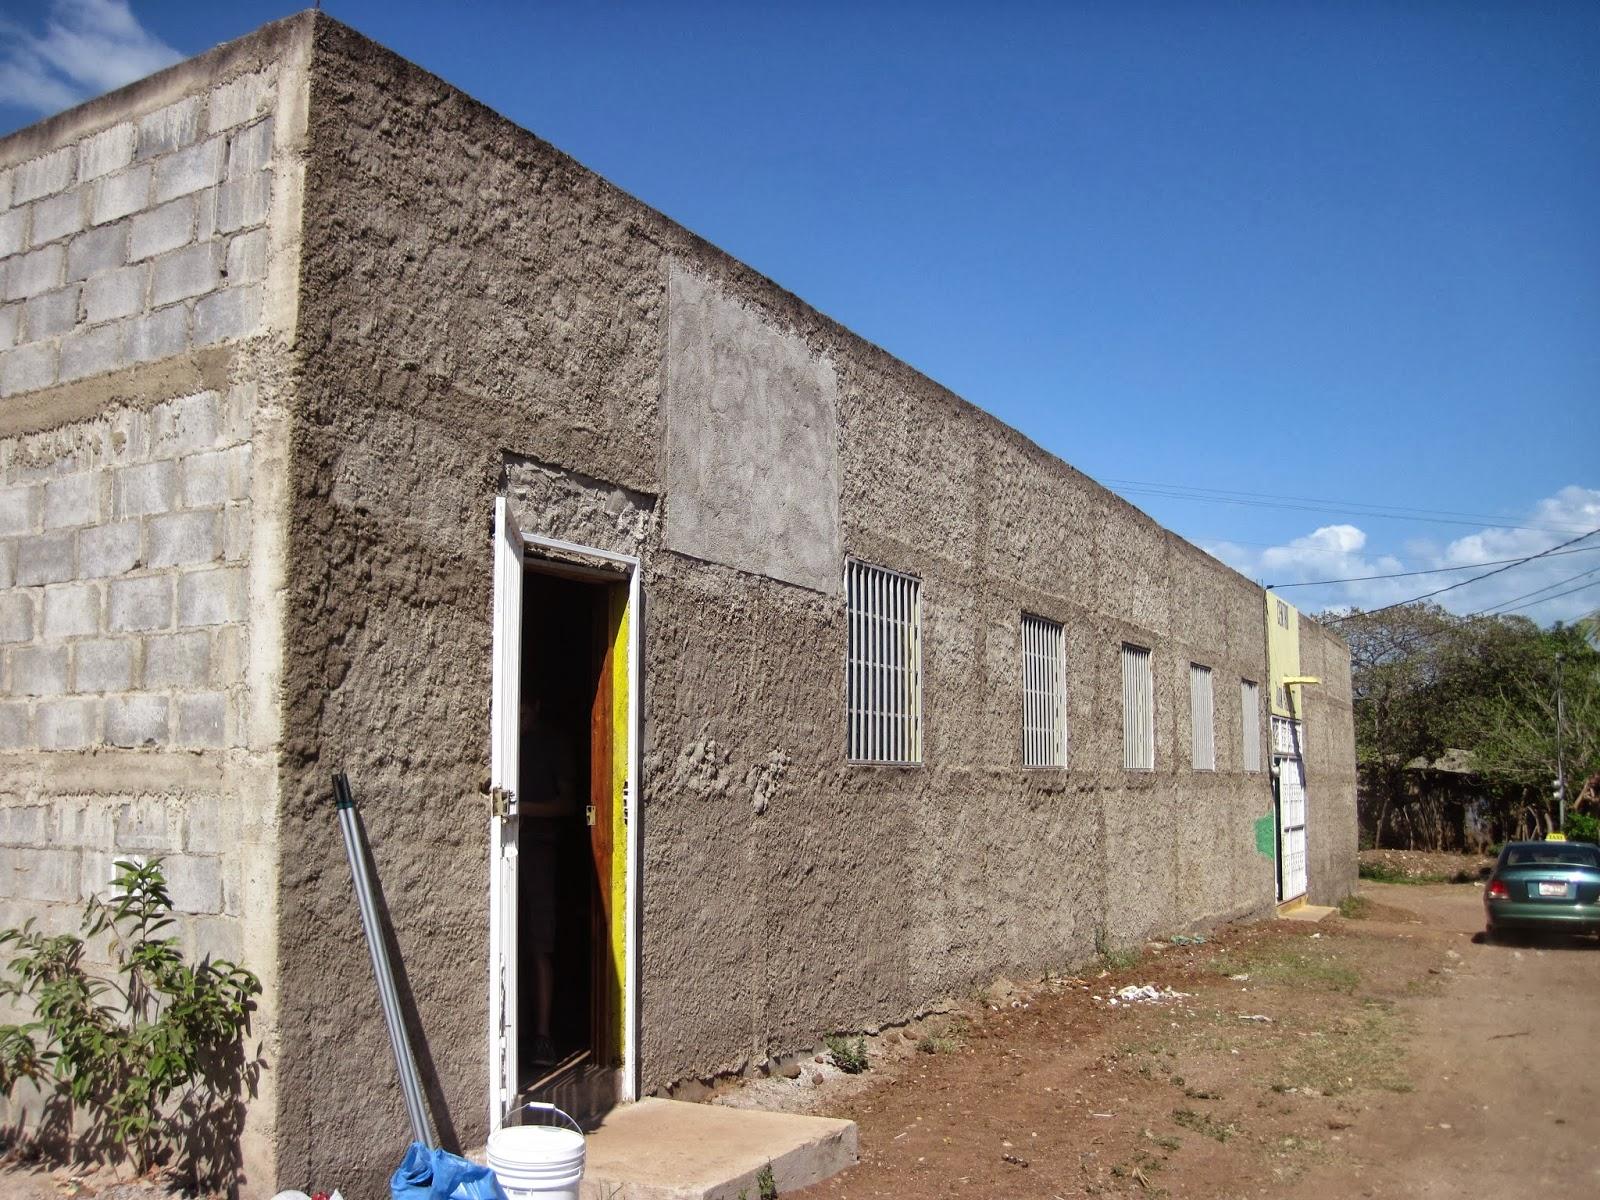 Mijn nicaraguaanse ervaring - Muur bibliotheek ...